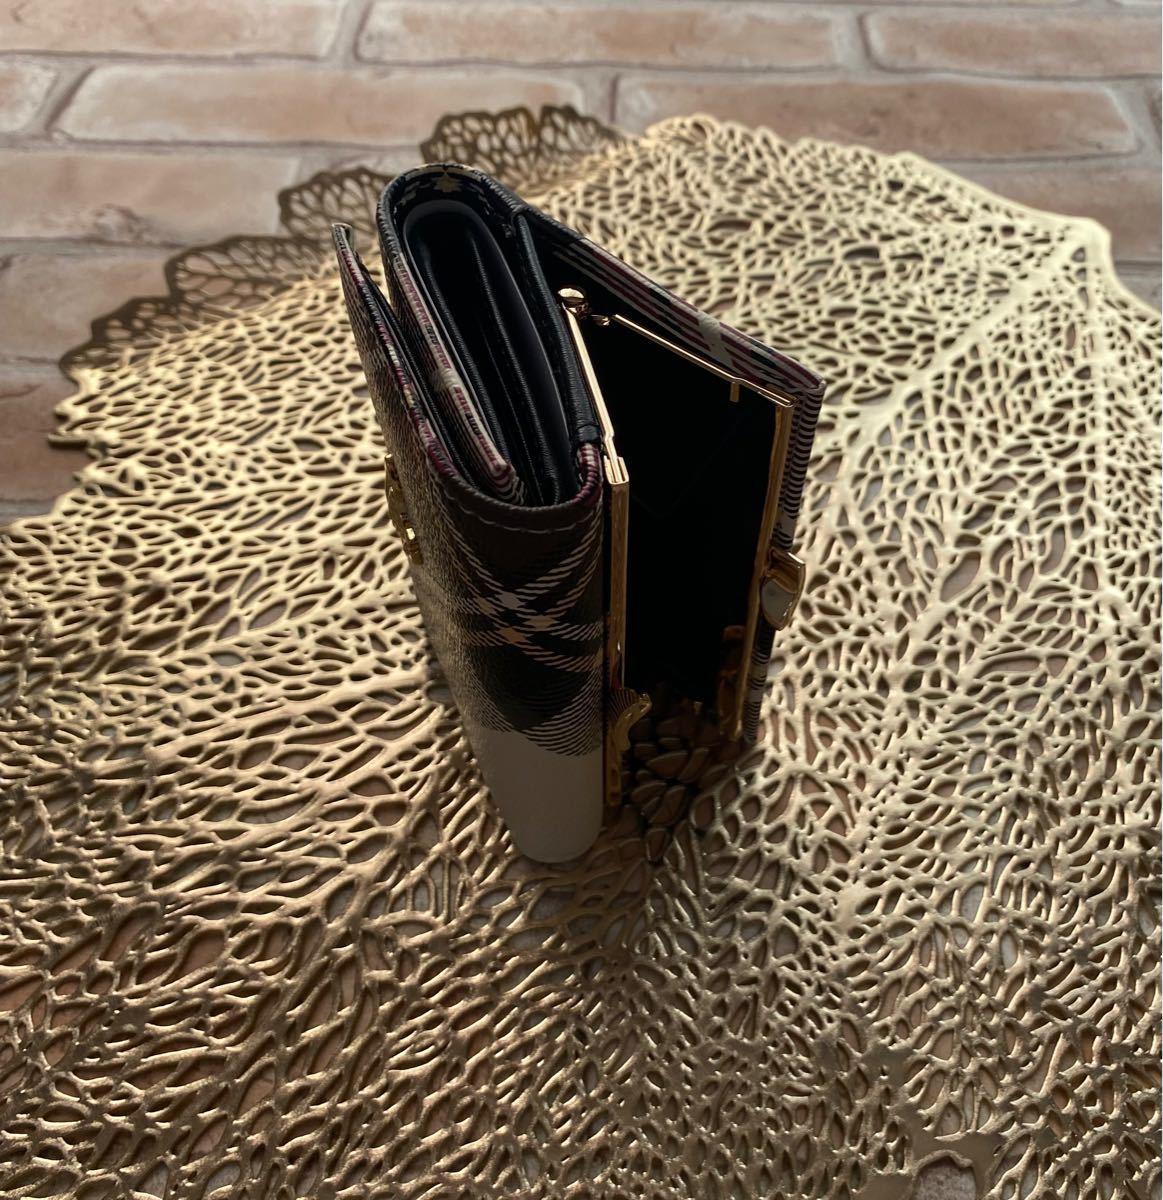 ヴィヴィアンウエストウッド Vivienne Westwood 三つ折り財布 エボリック がまぐち